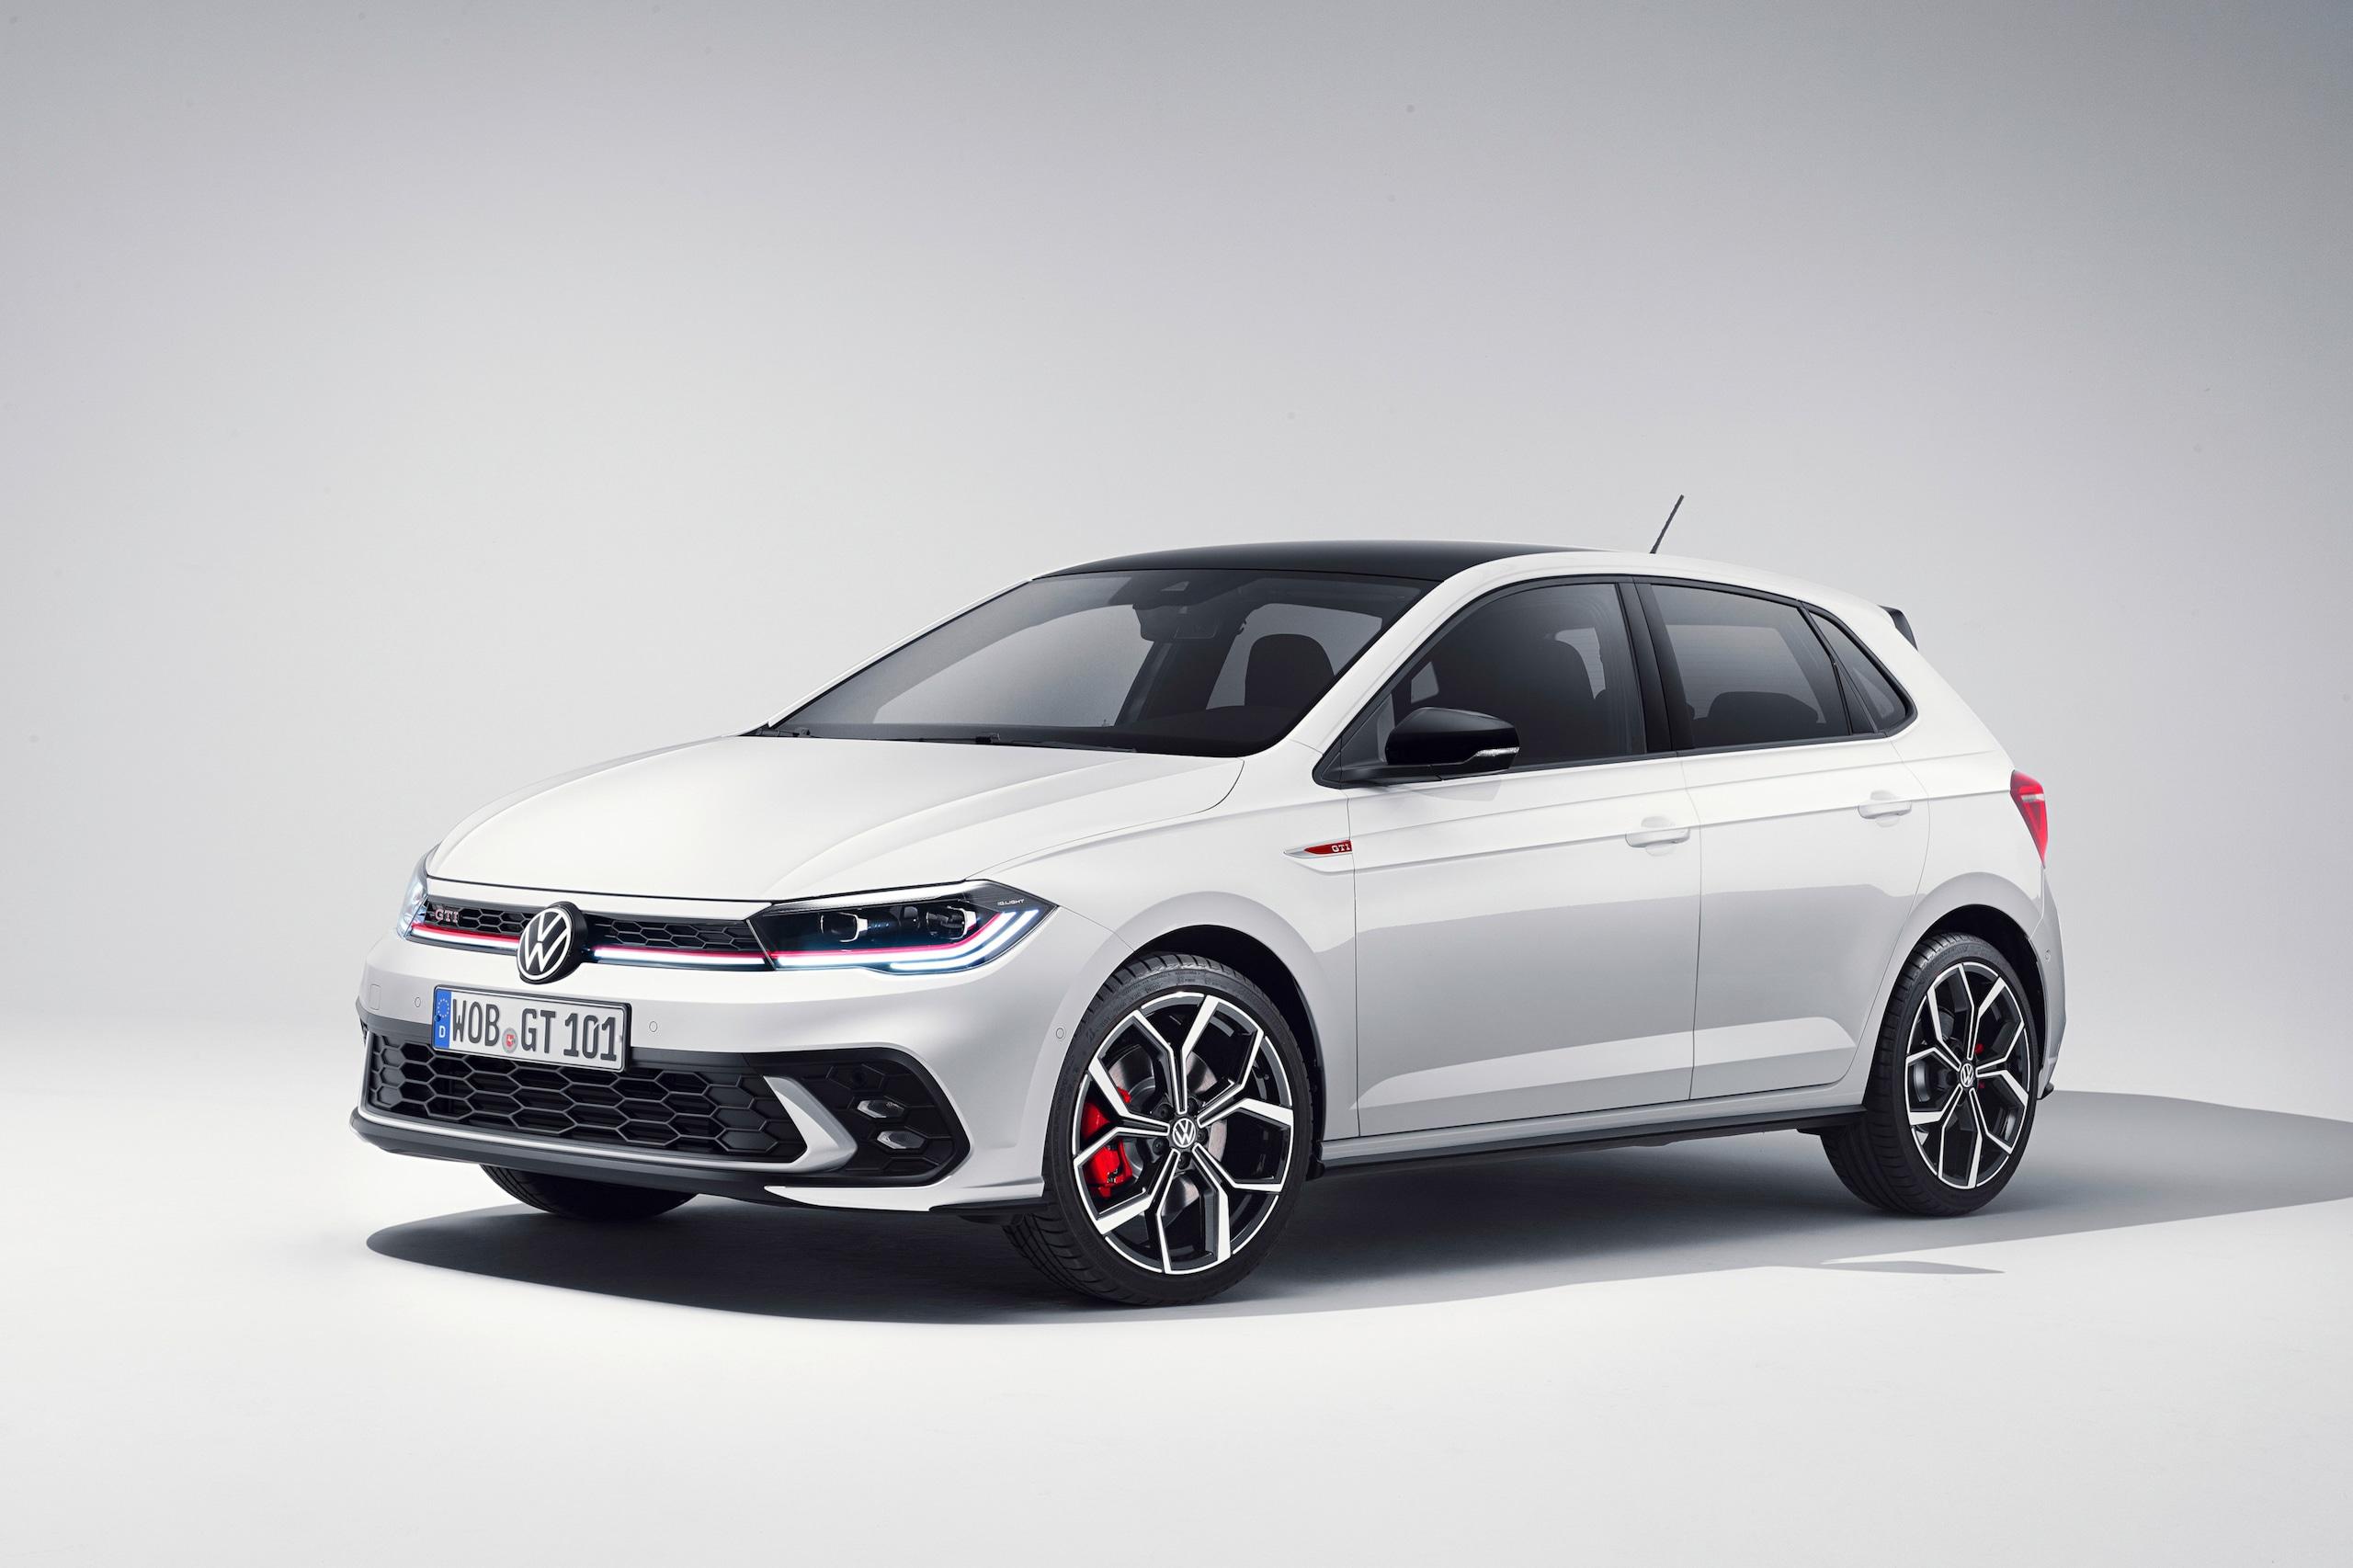 Nuova Volkswagen Polo GTI, i prezzi per l'Italia partono da 29.500 euro